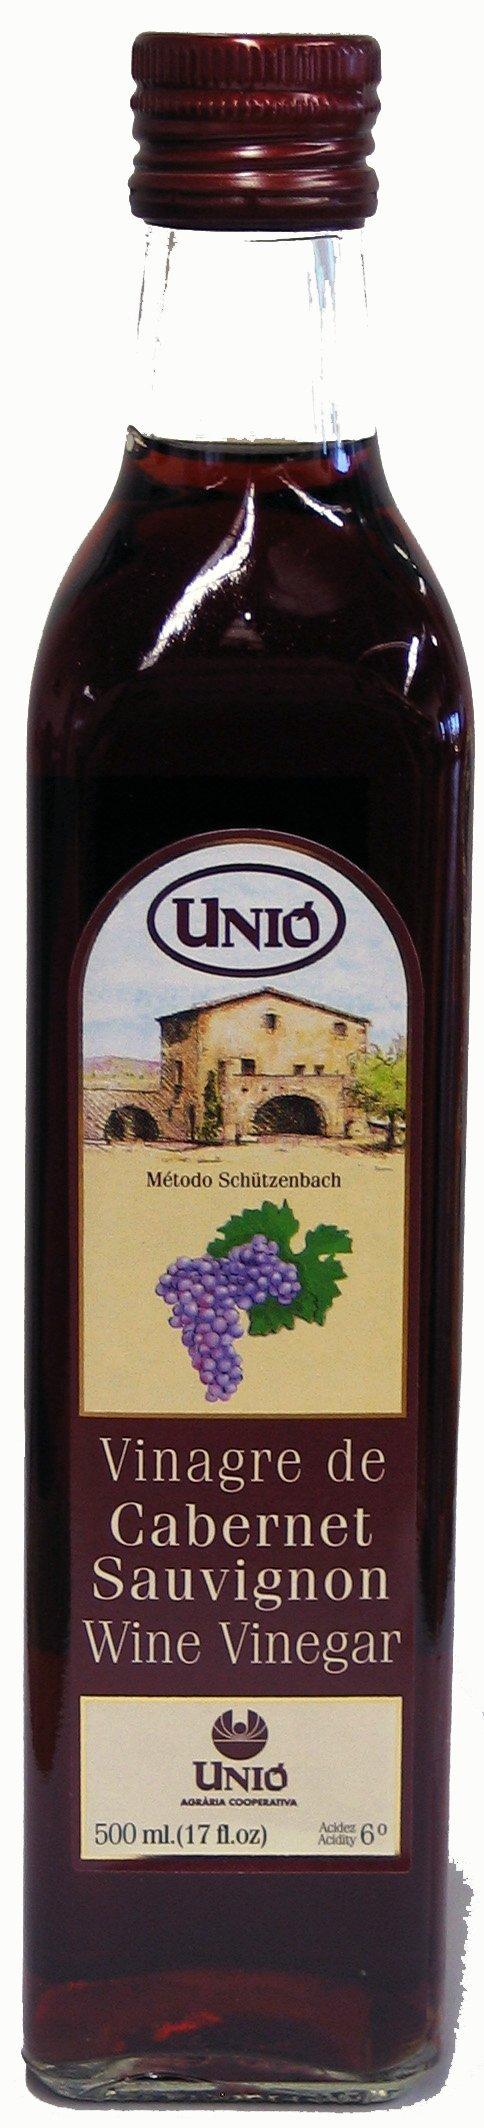 Unio Cabernet Sauvignon Red Wine Vinegar 500ml (17oz) Bottle by Unio